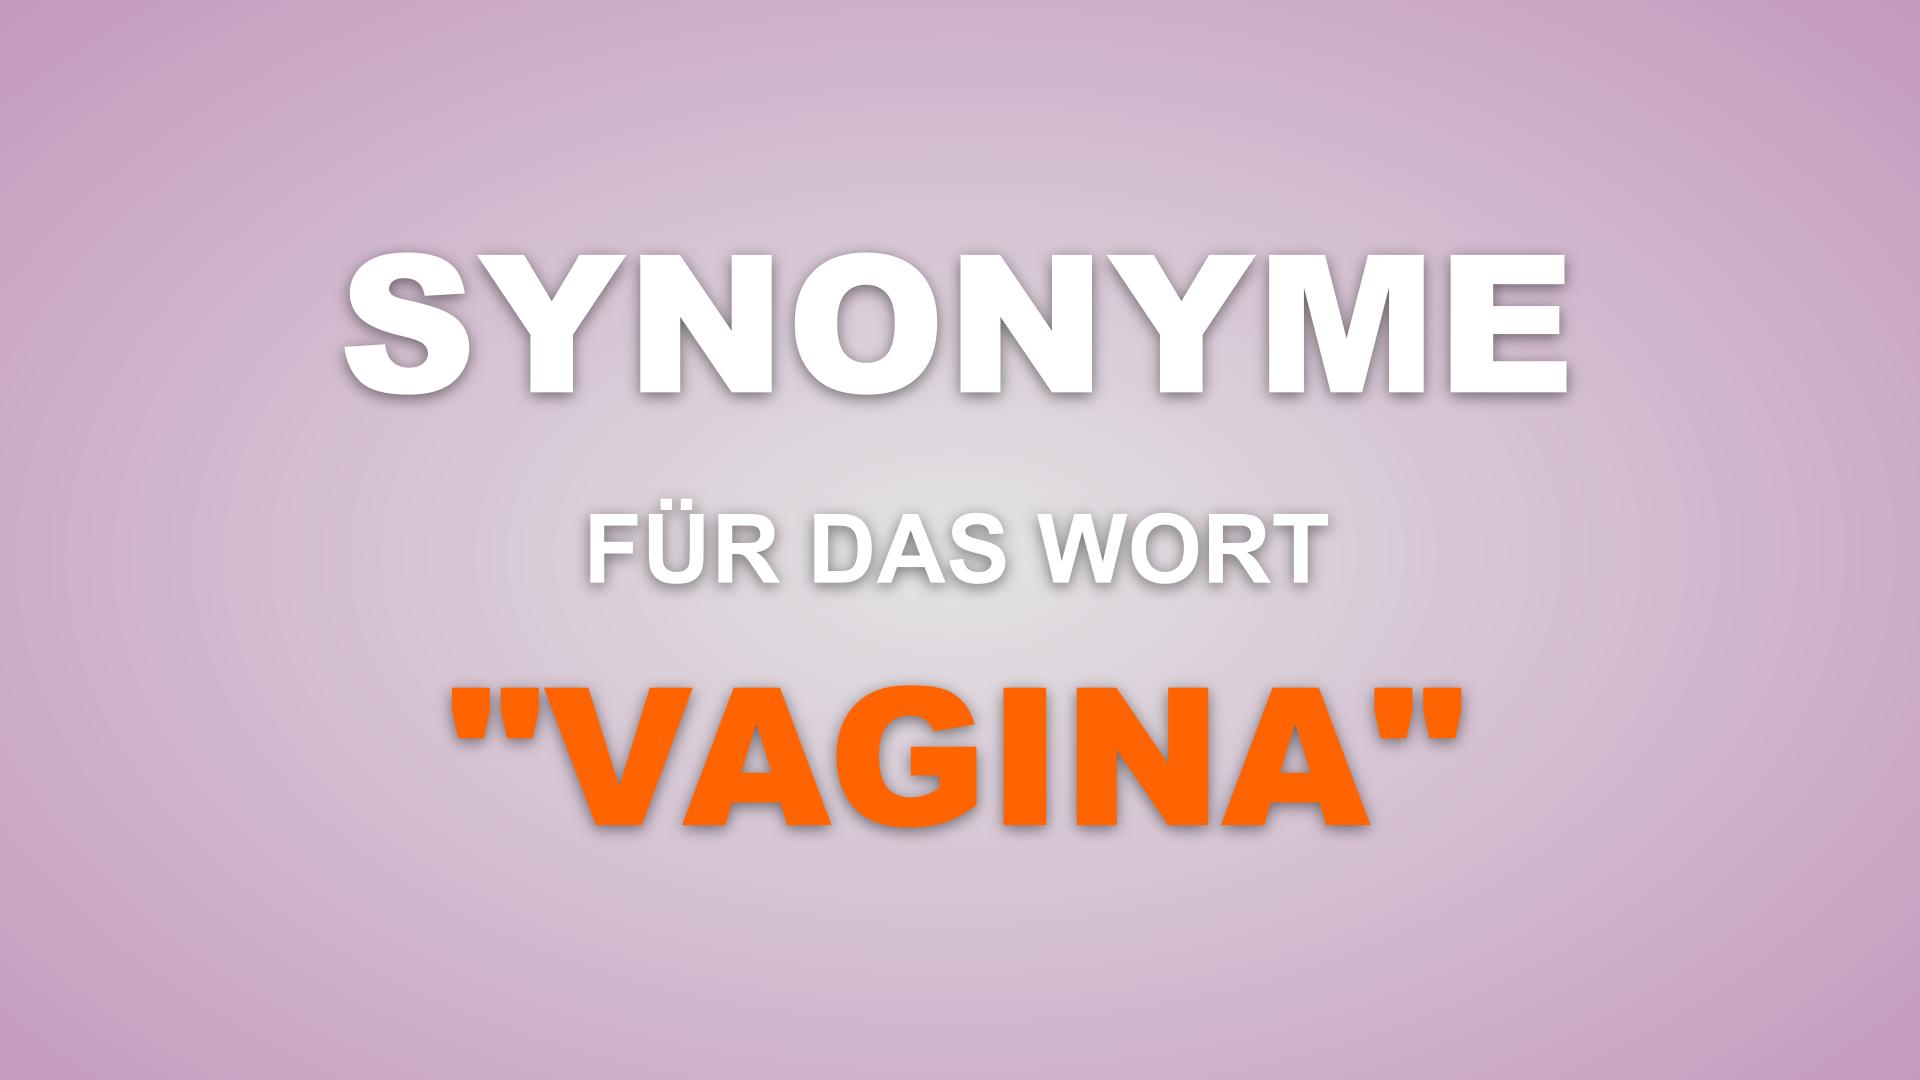 507 Synonyme für das Wort Vagina